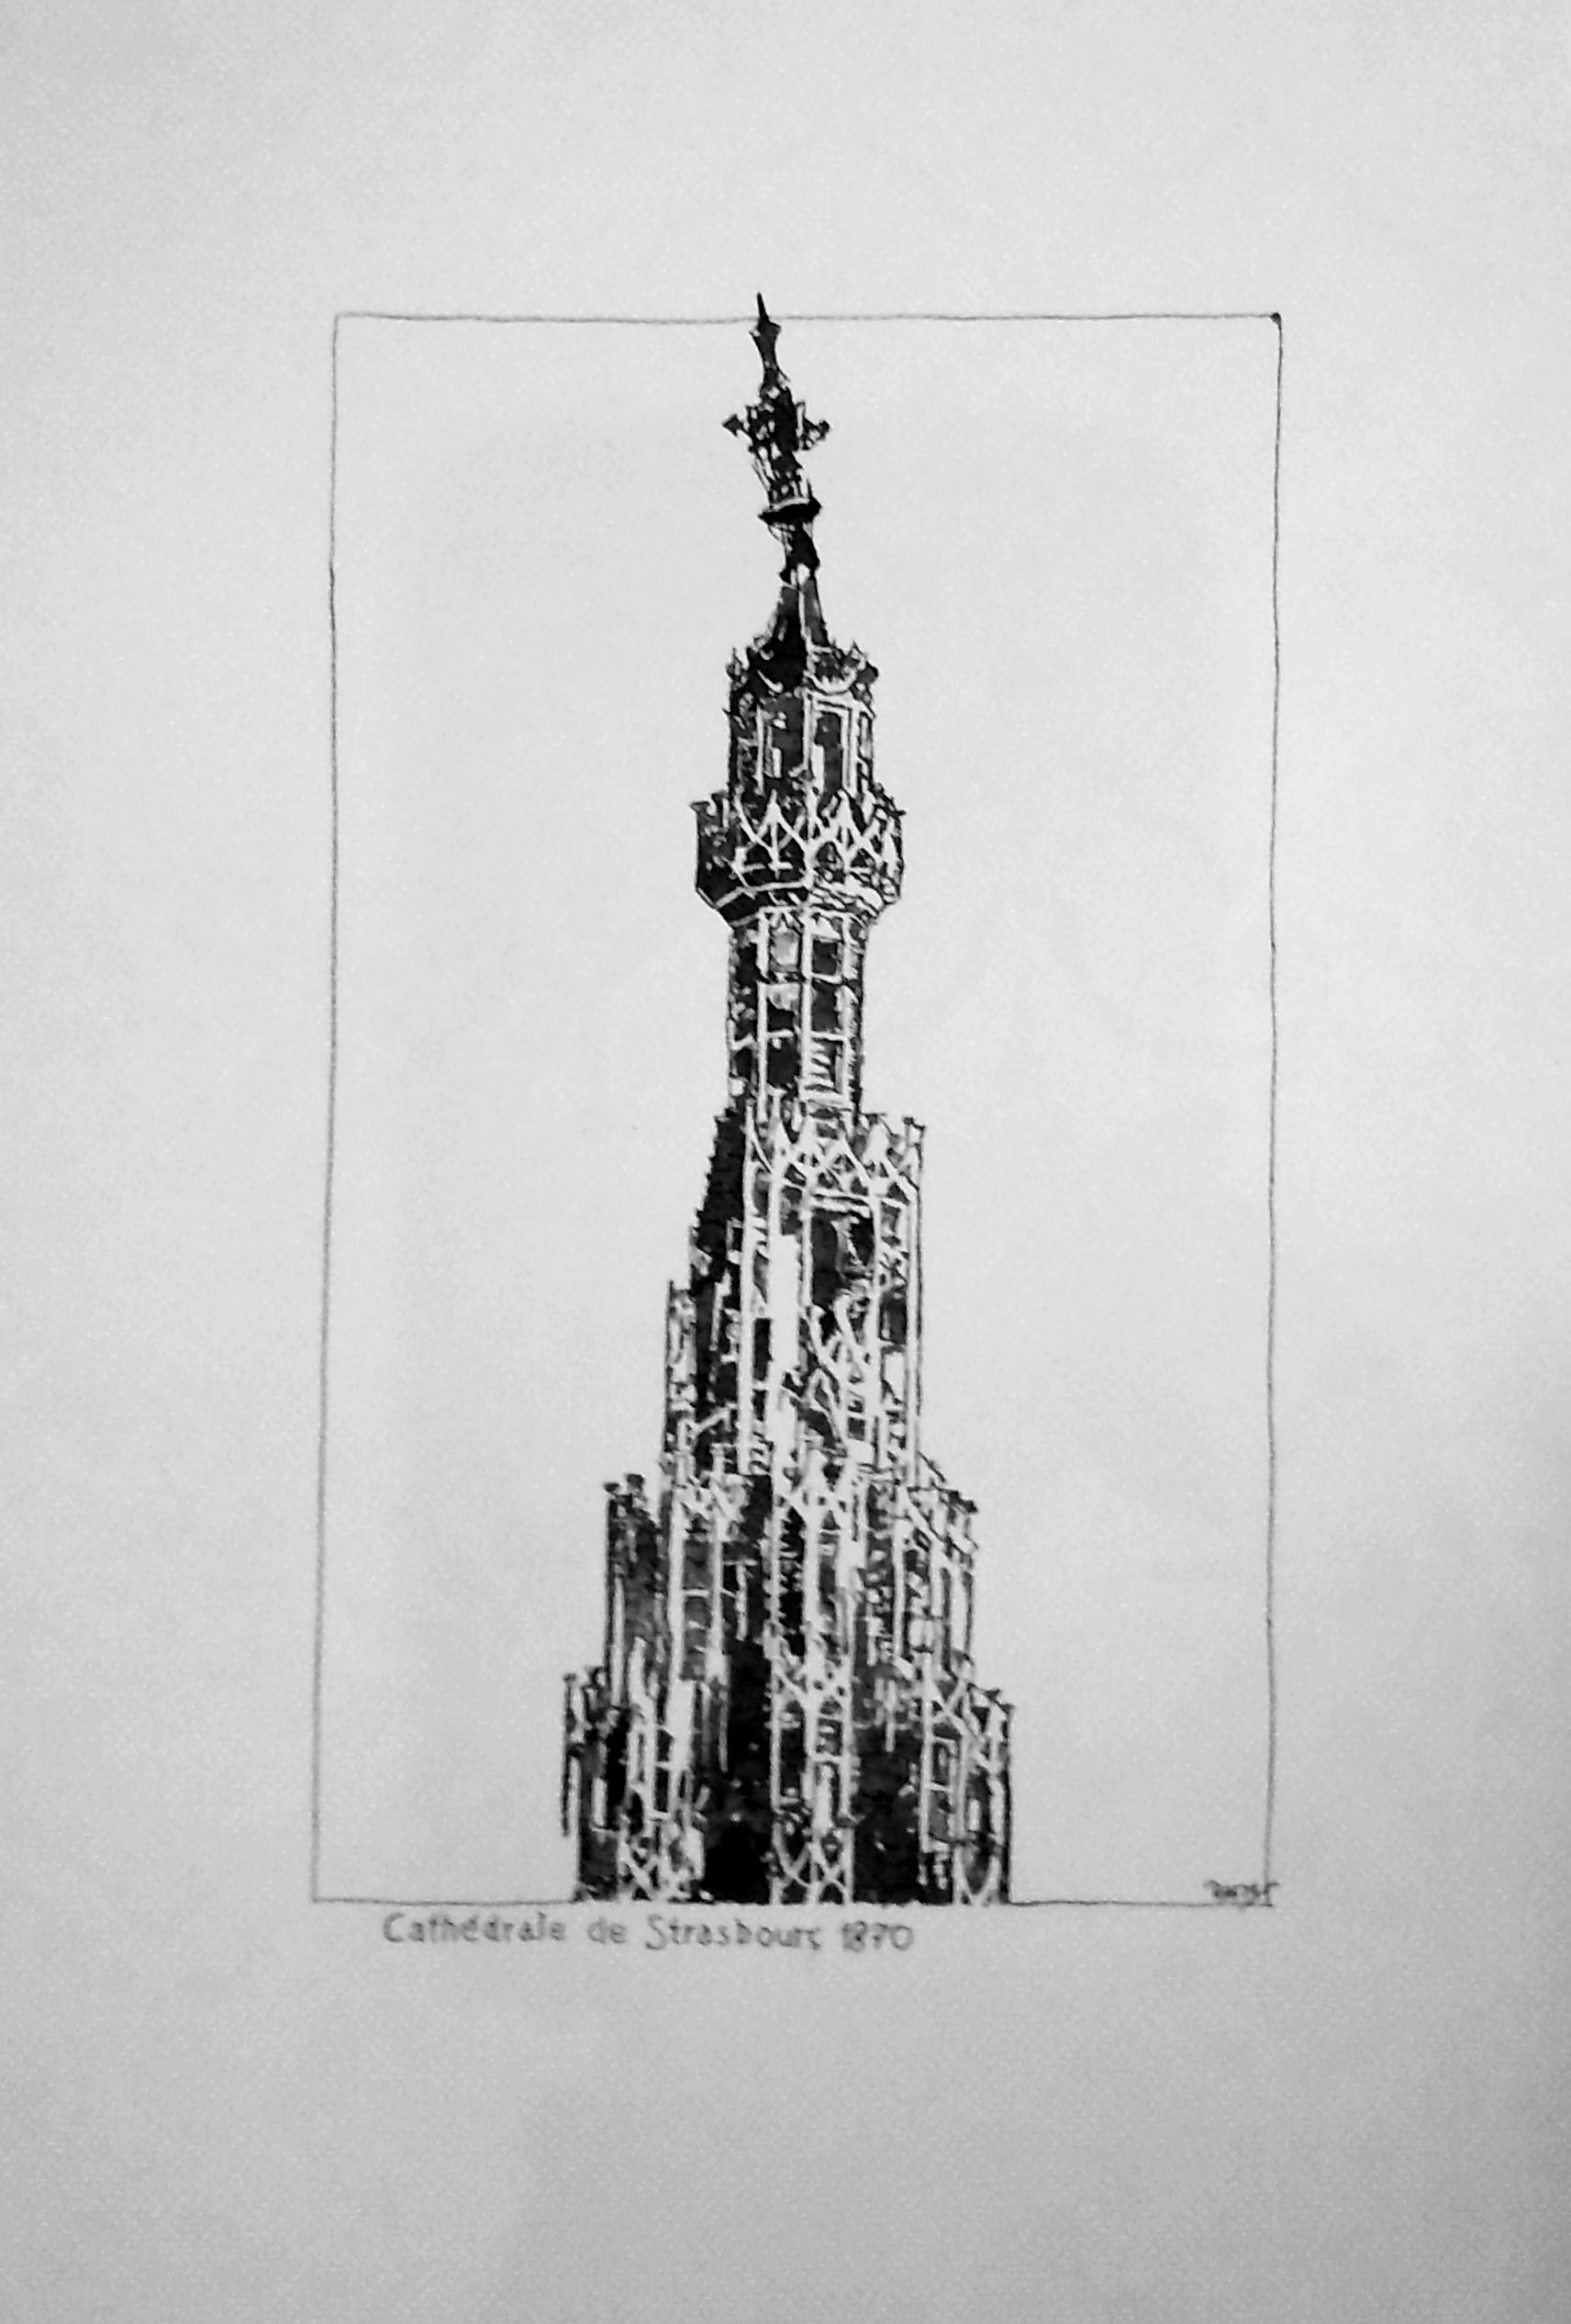 Strasbourg - flèche de la Cathédrale